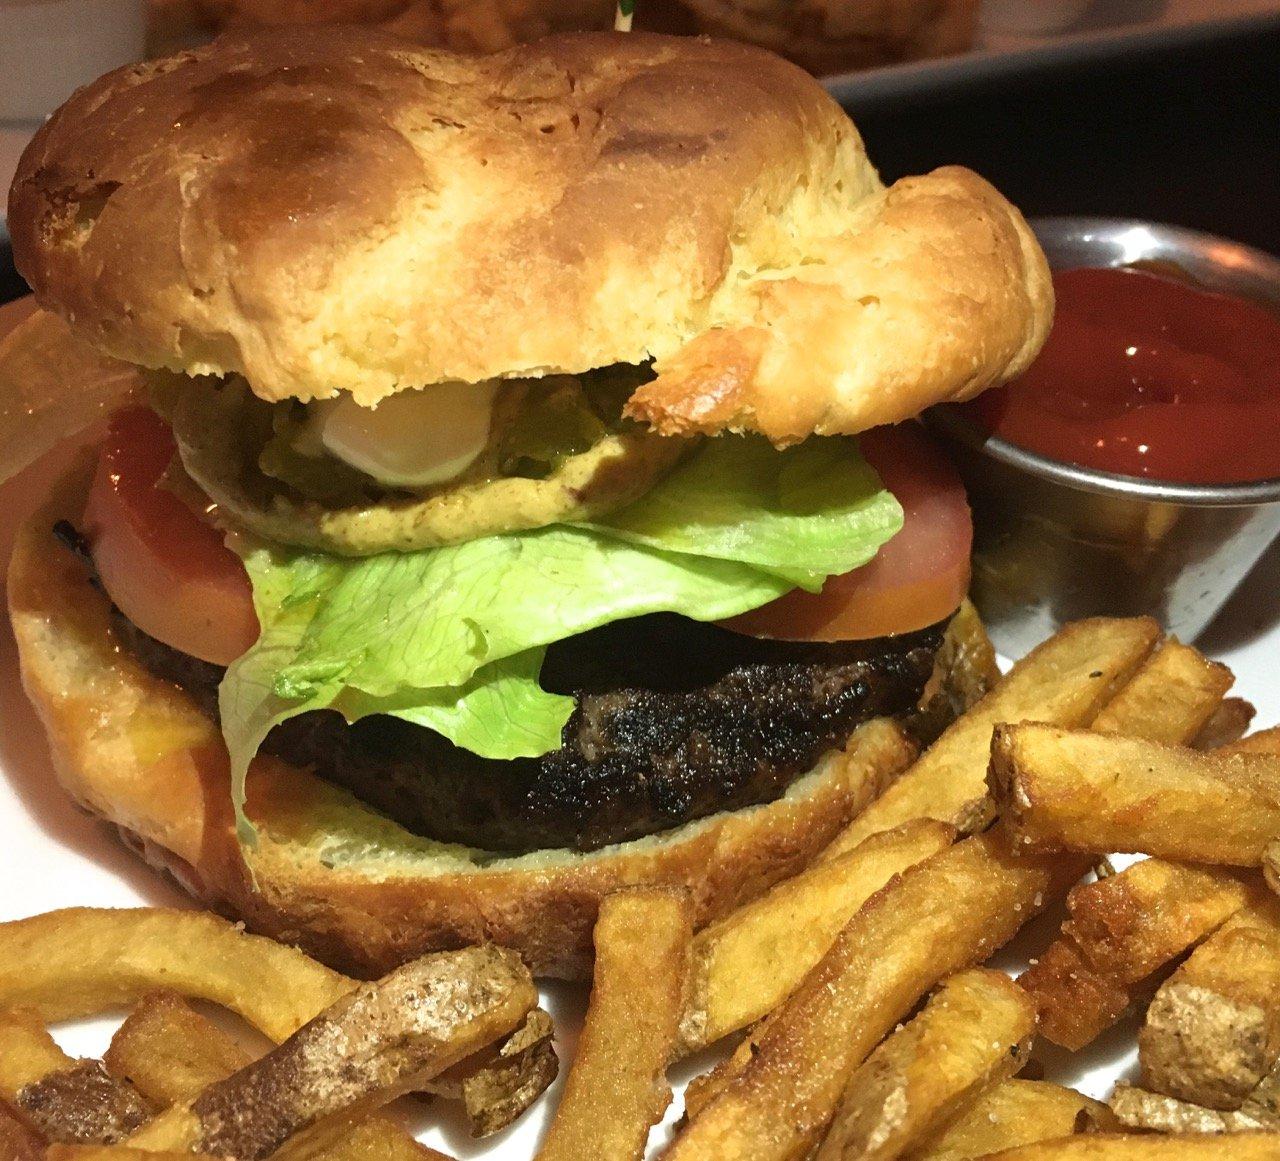 wilder wood restaurant and bar, gluten-free burger